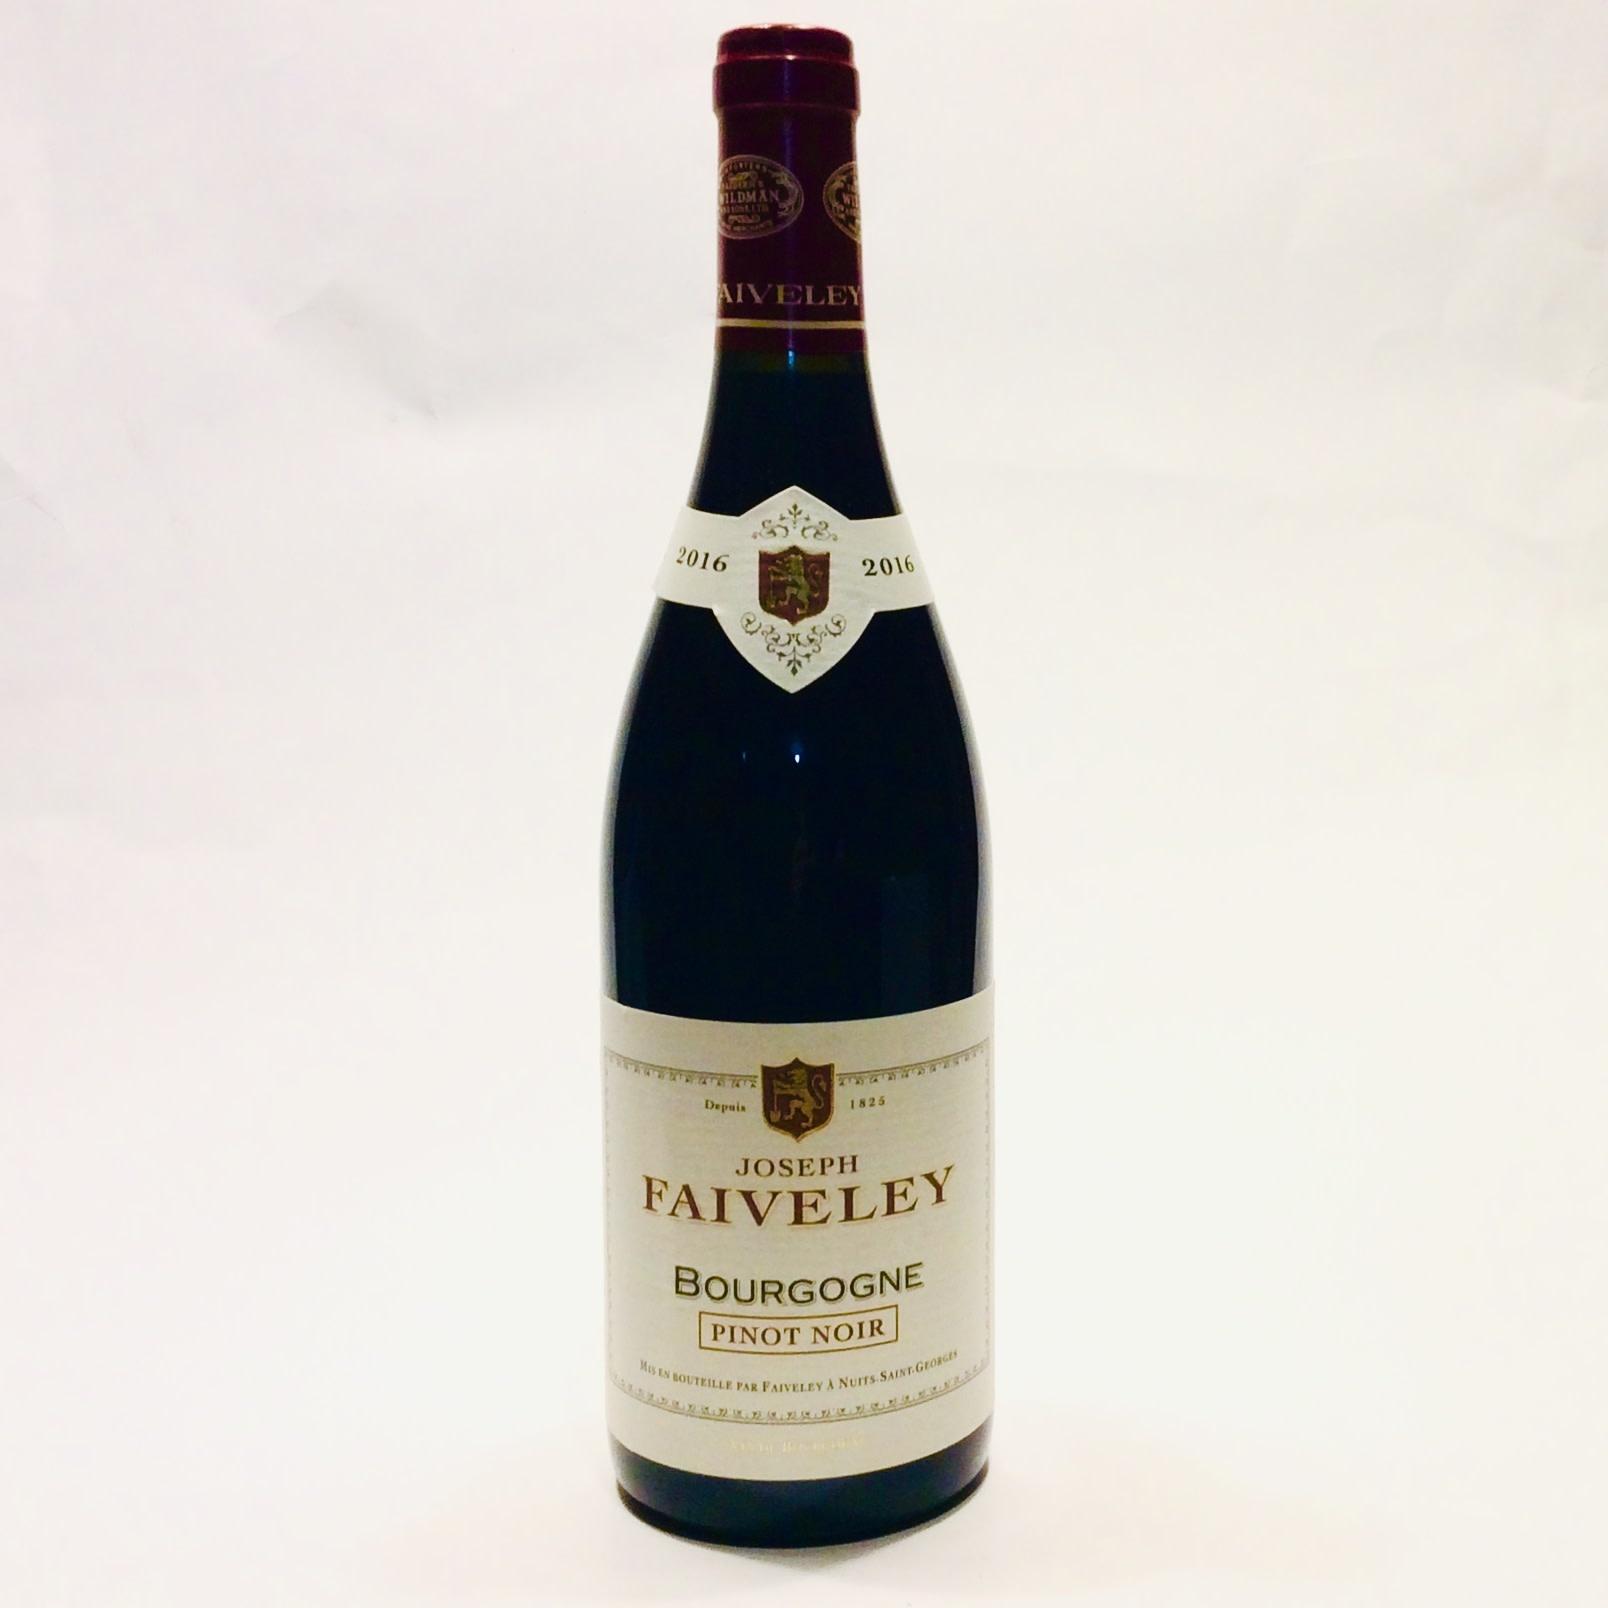 Faiveley - Bourgogne Pinot Noir - Rouge 2016 (750 ml)